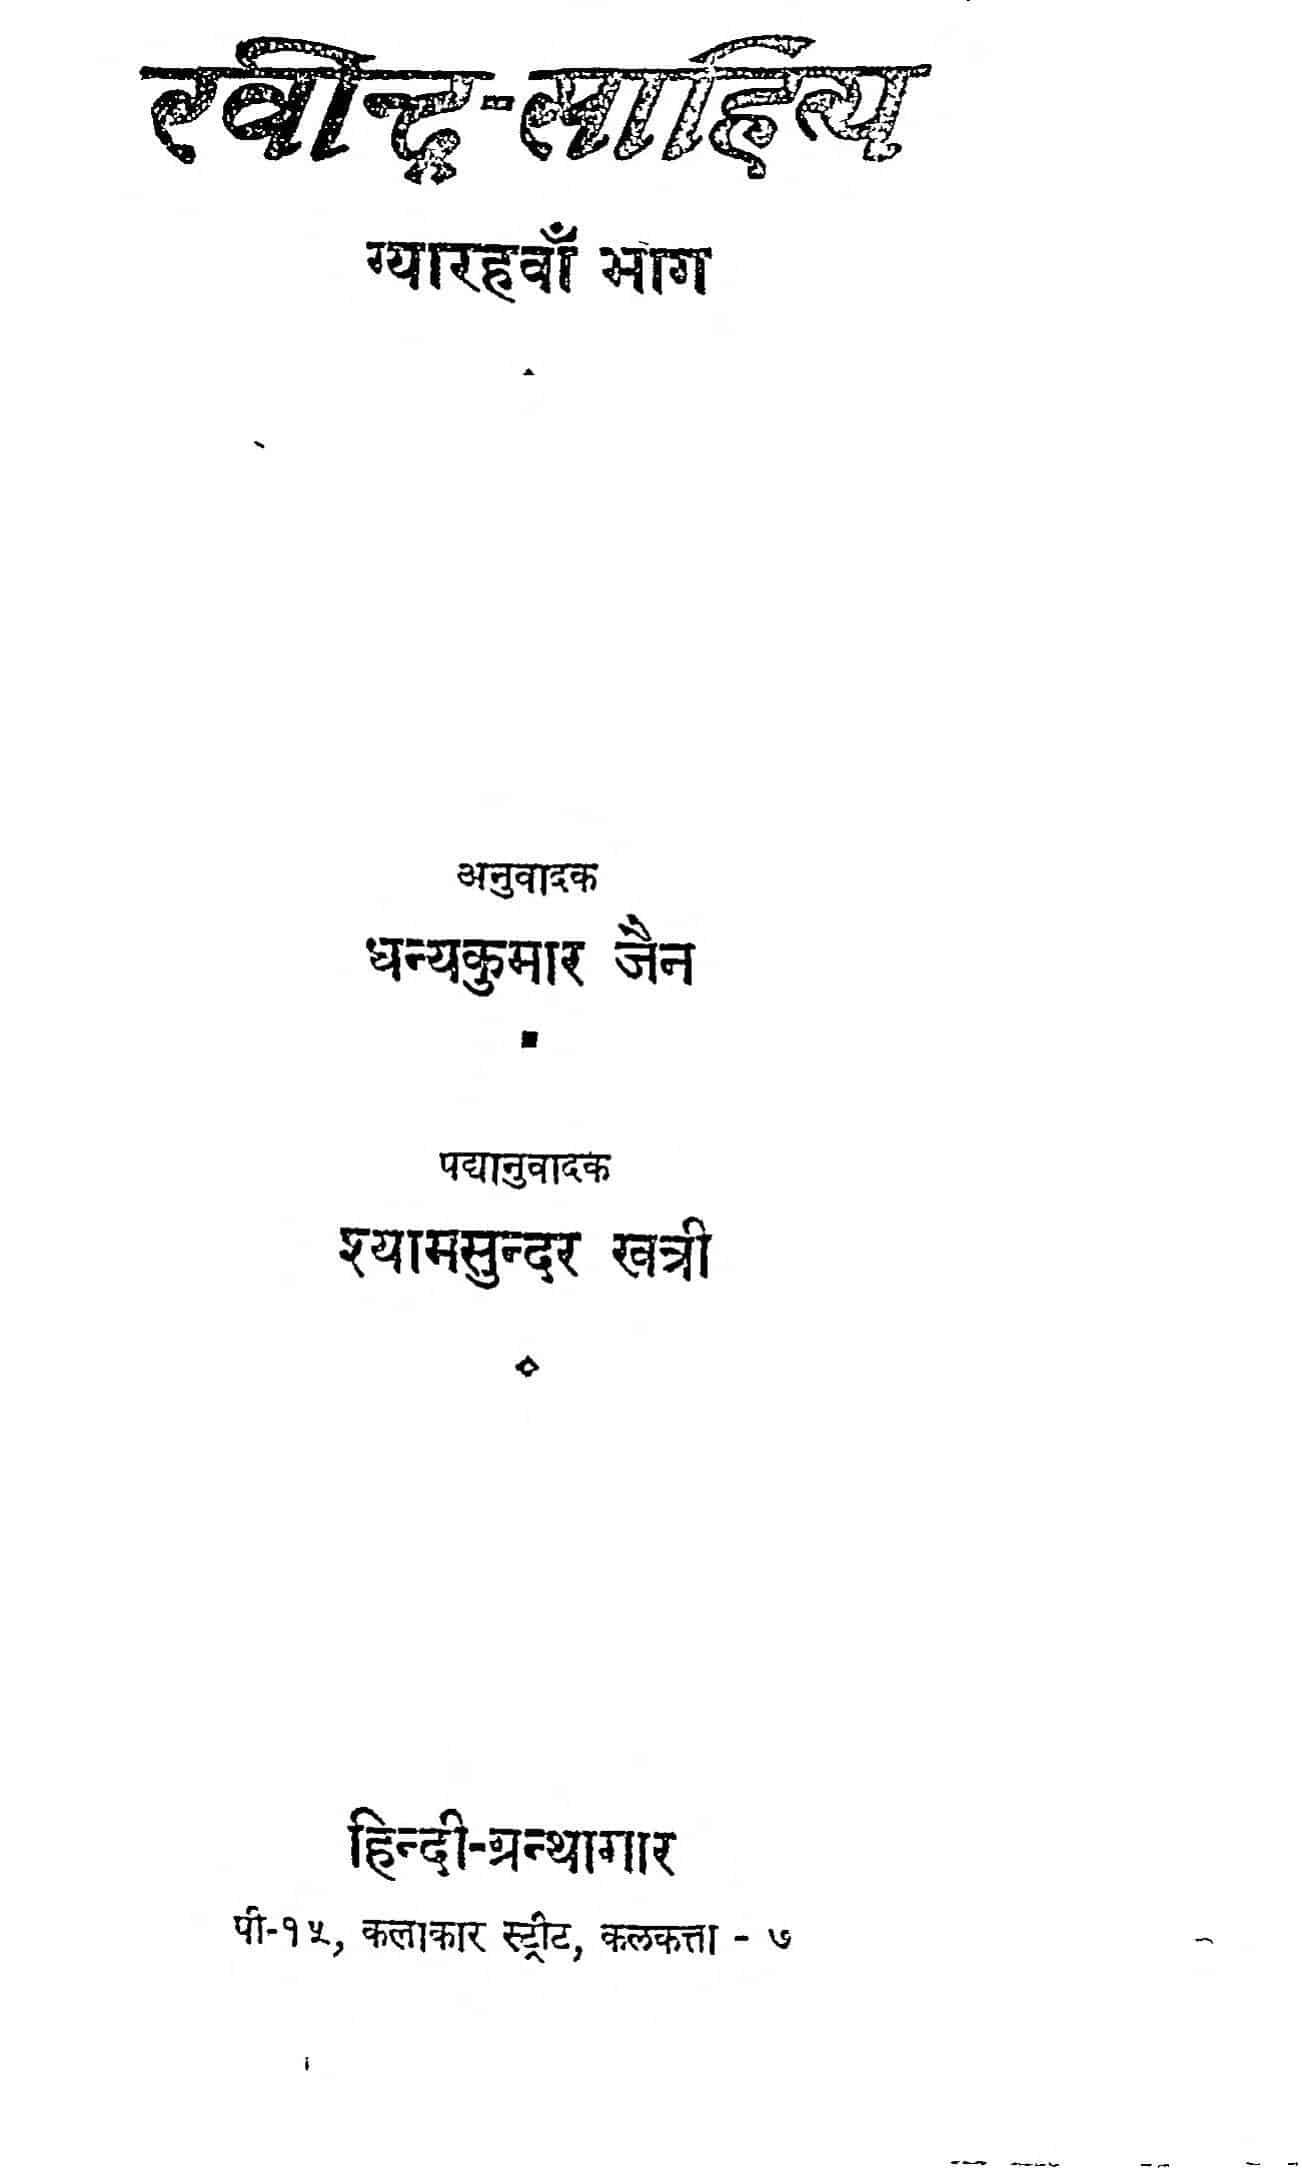 Book Image : रवीन्द्र साहित्य भाग ११ - Ravindra Sahitya Bhaag 11